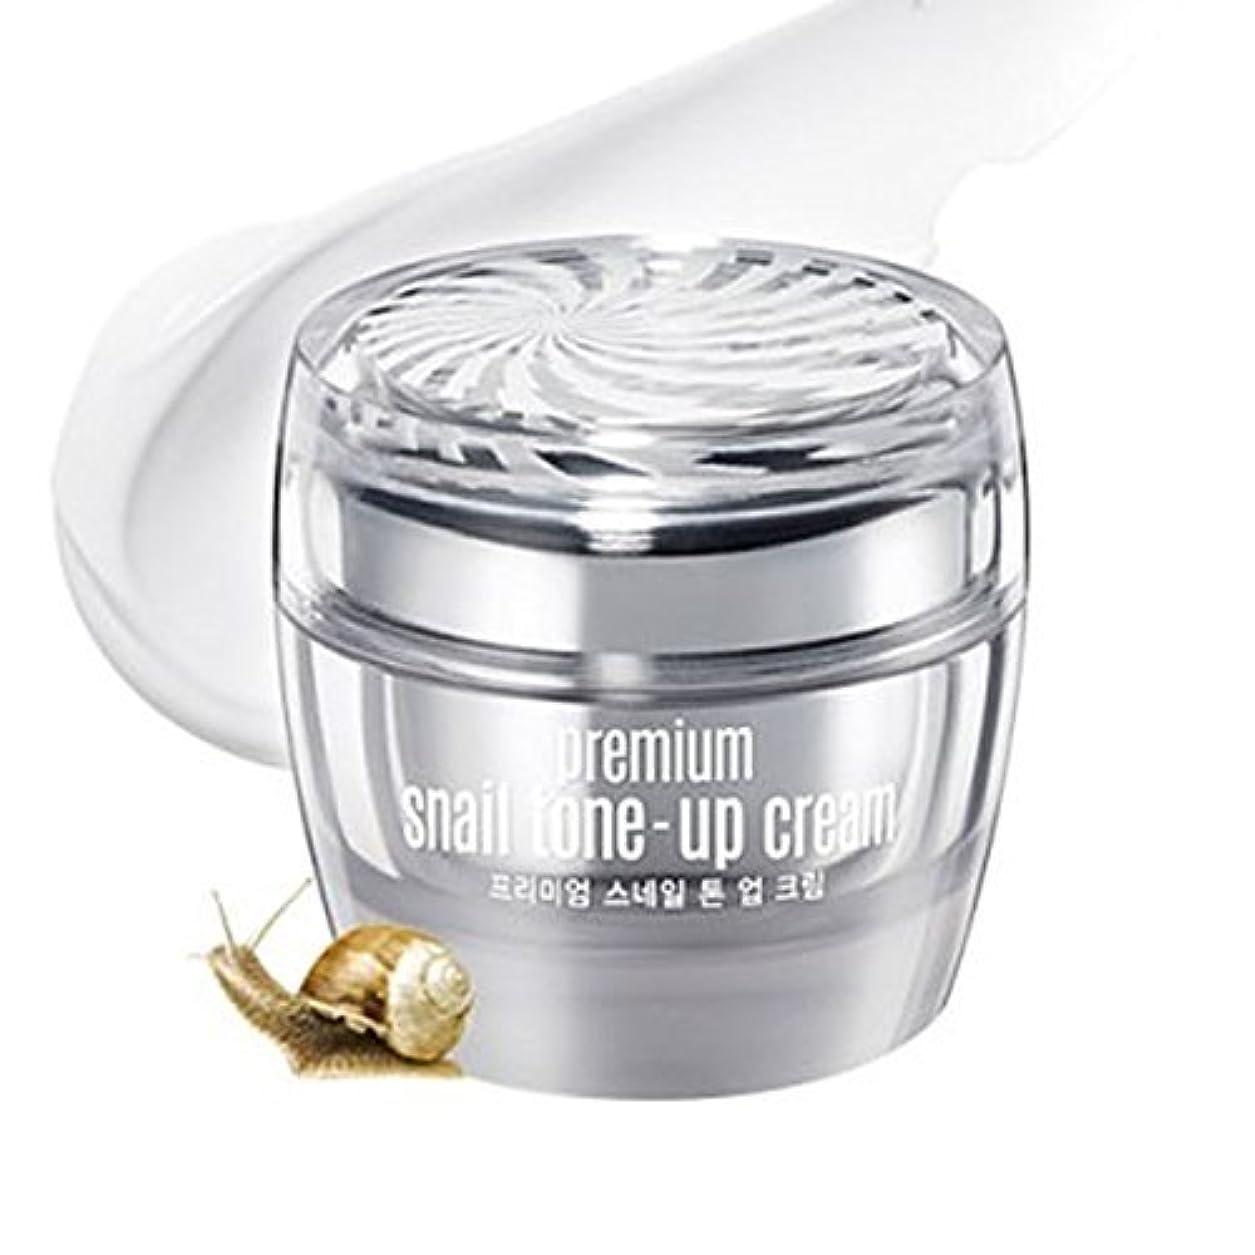 ホースカートン壊すグーダル プレミアム スネイル トーンアップ クリーム CLIO Goodal Premium Snail Tone Up Whitening Cream 50ml(1.69oz)/Korea Cosmetic [並行輸入品]